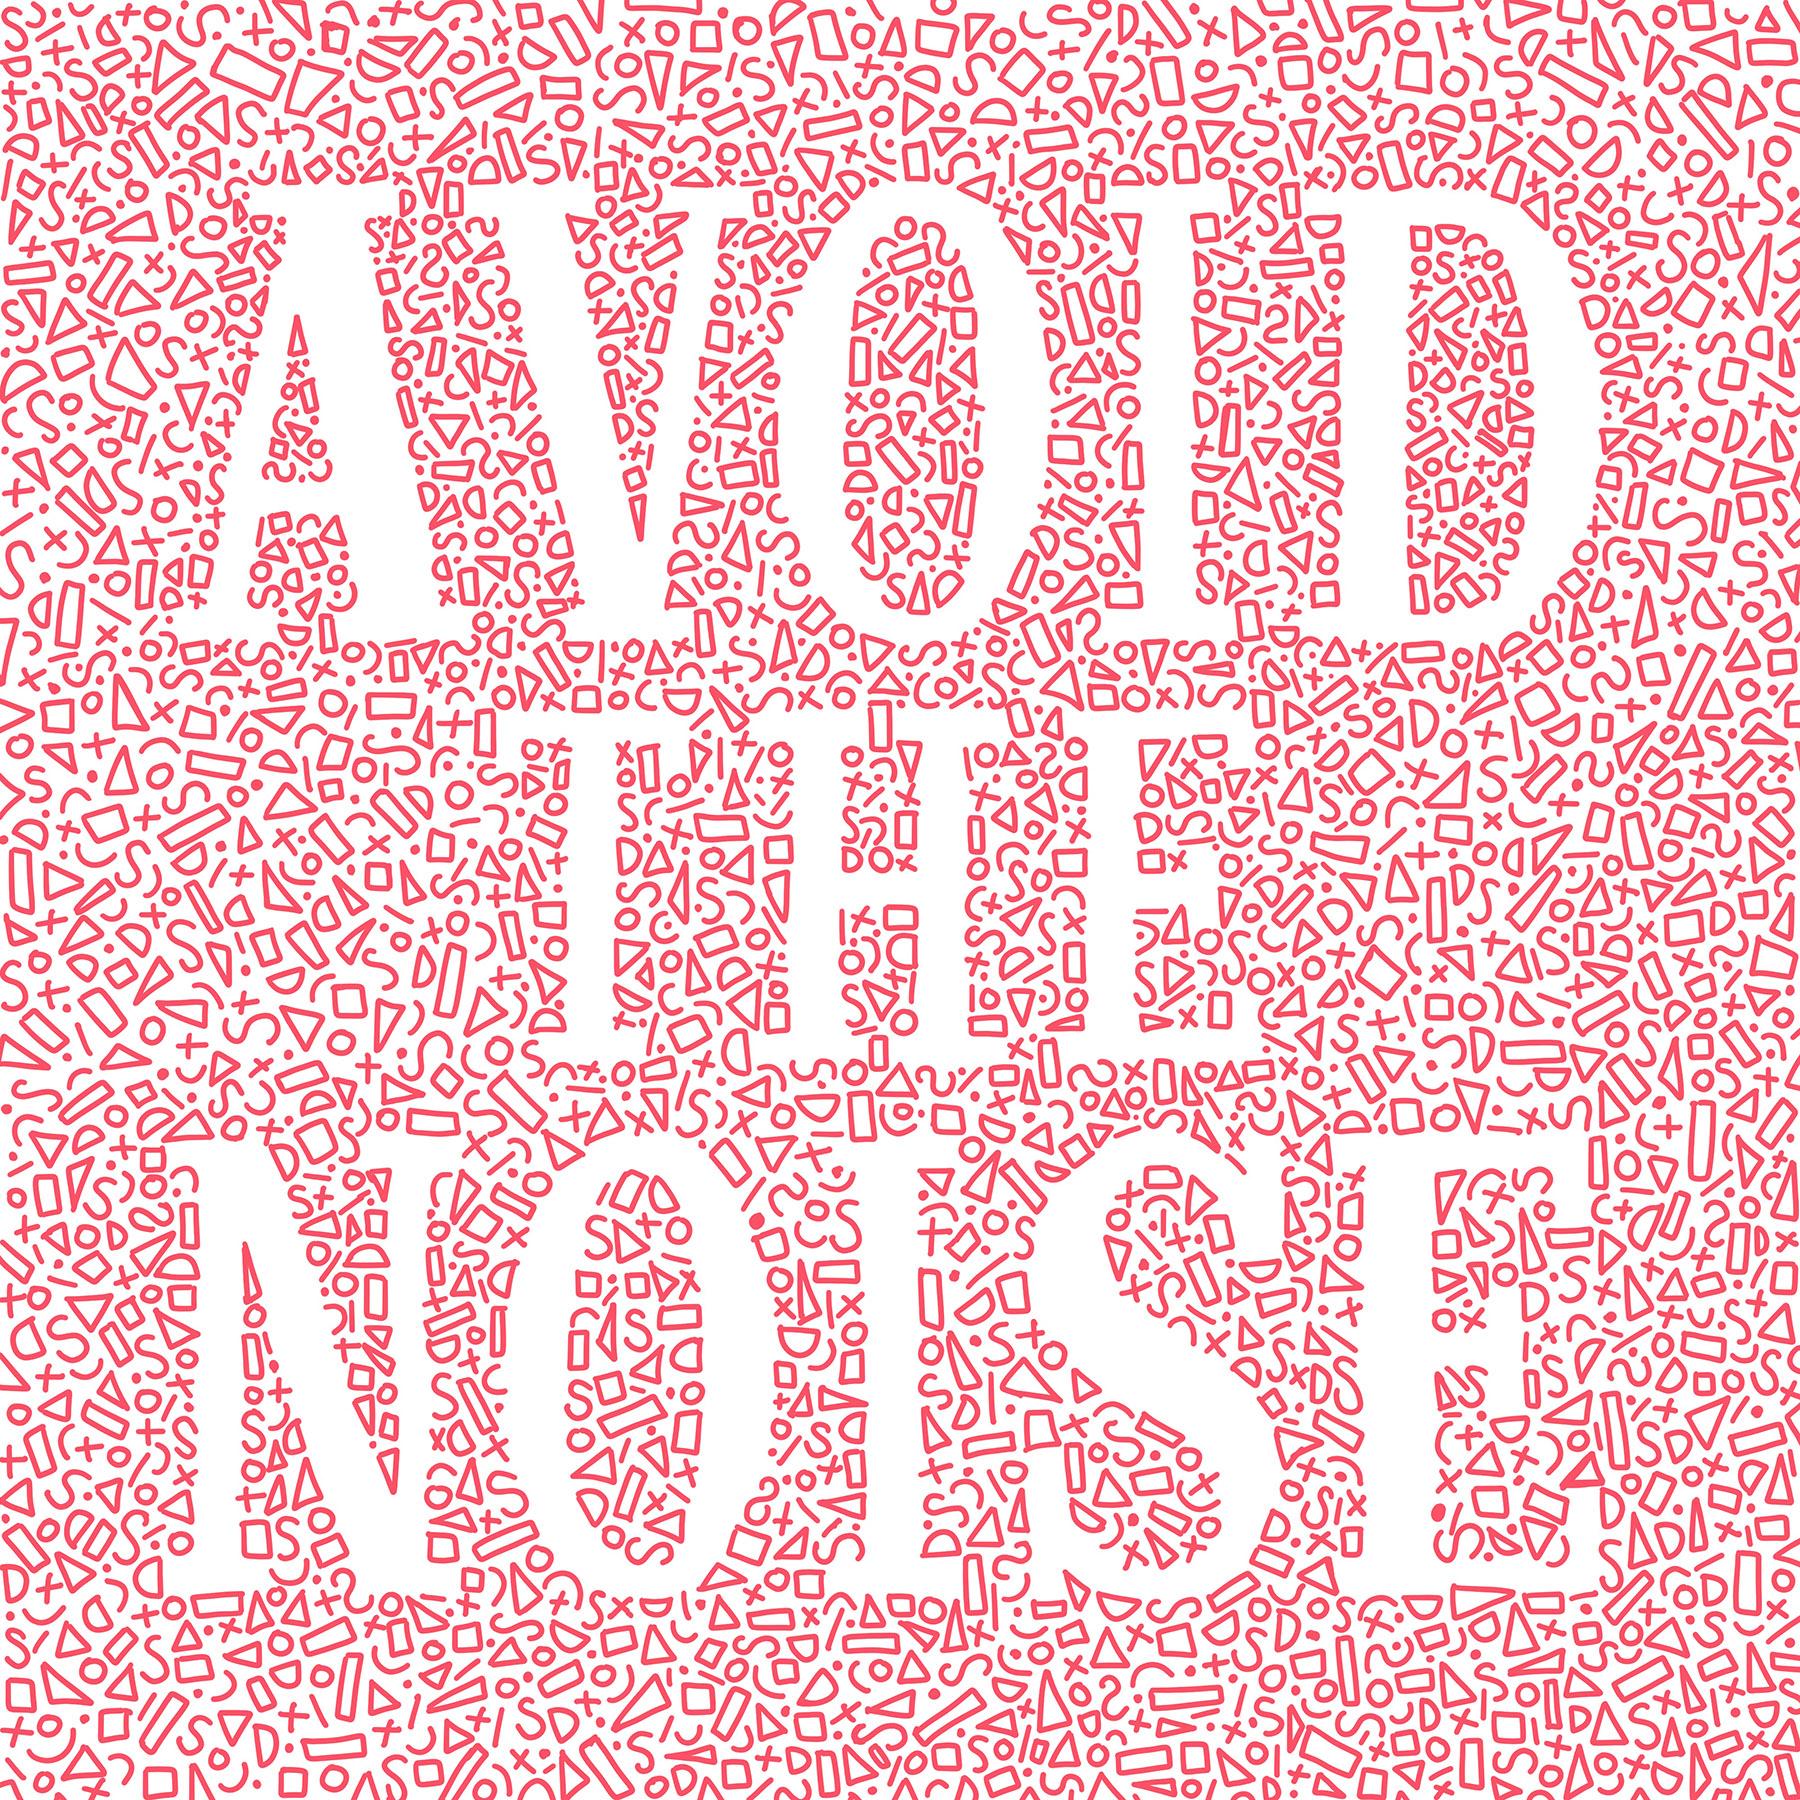 Avoid the Noise Lettering Illustration